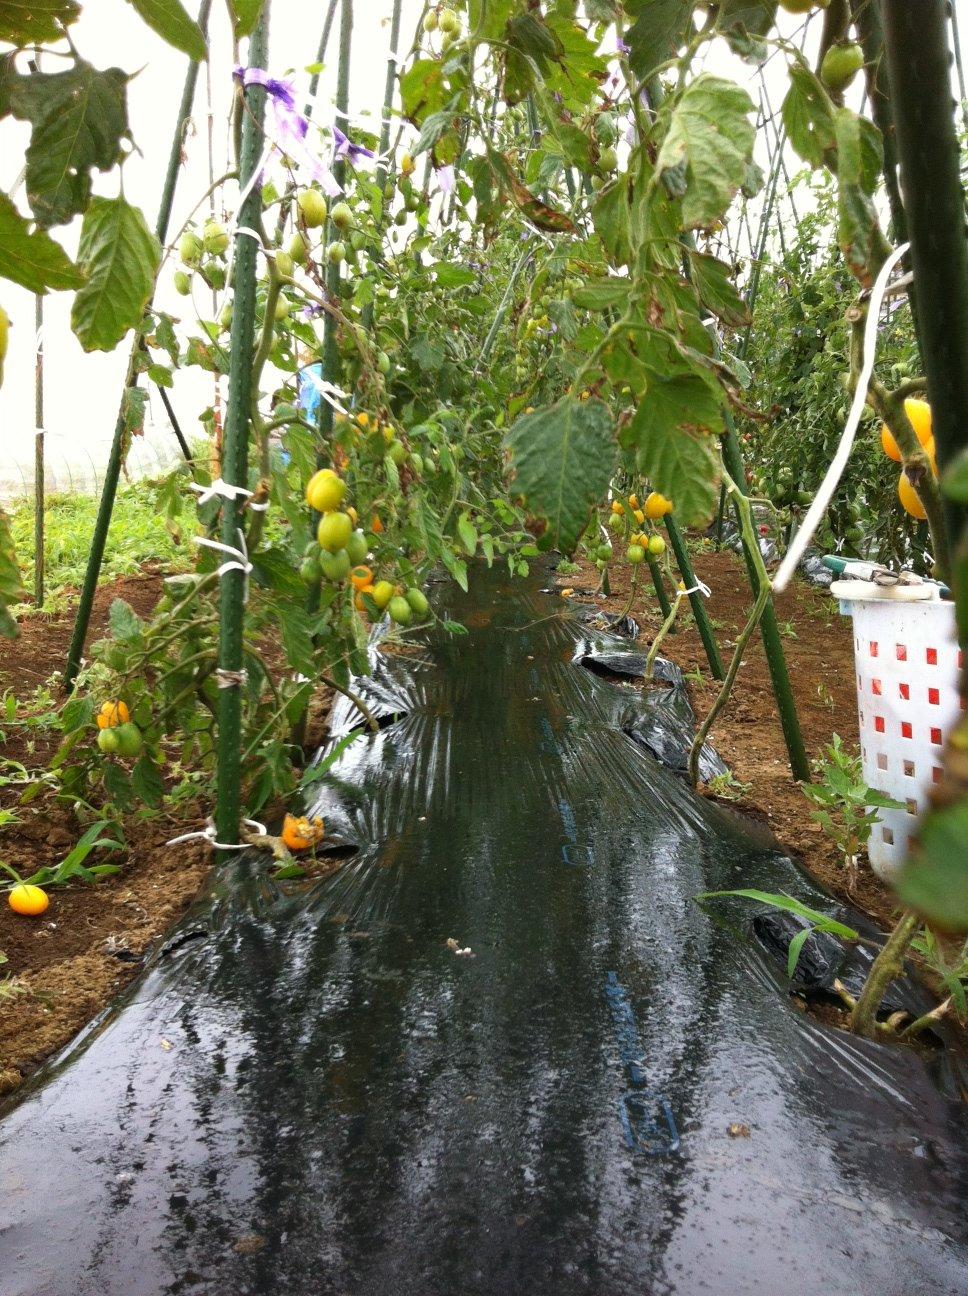 本日は強風の上に雨・・ボランティアの方々にはお休み頂きました・しかし収穫は物凄くありました_c0222448_13242179.jpg